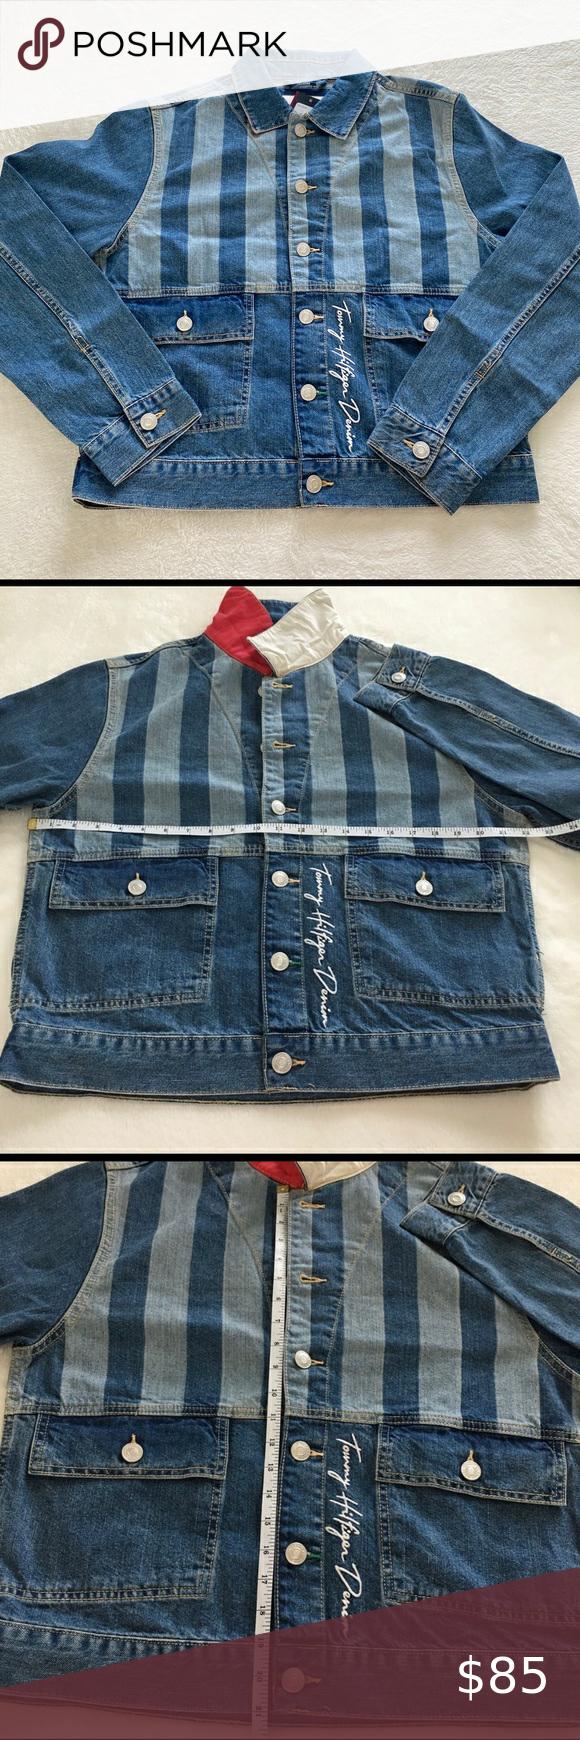 Tommy Hilfiger Jean Jacket Tommy Hilfiger Jean Jacket Tommy Hilfiger Jeans Love Jeans [ 1740 x 580 Pixel ]